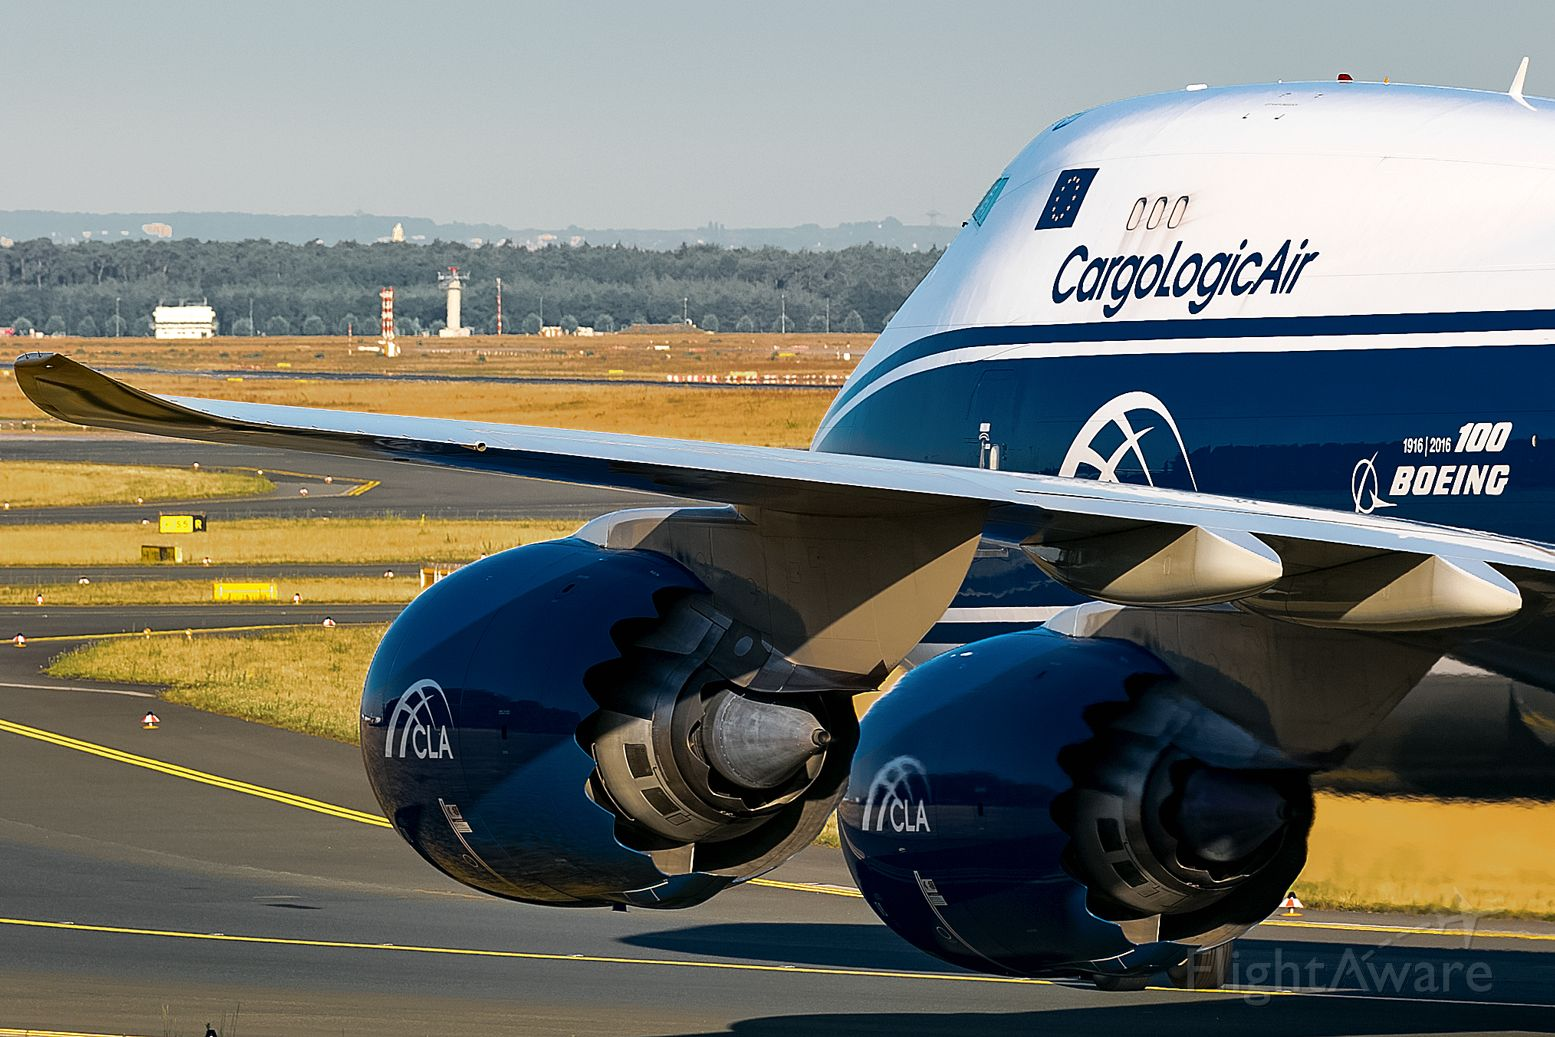 BOEING 747-8 (G-CLAB) - 2 big, working engines